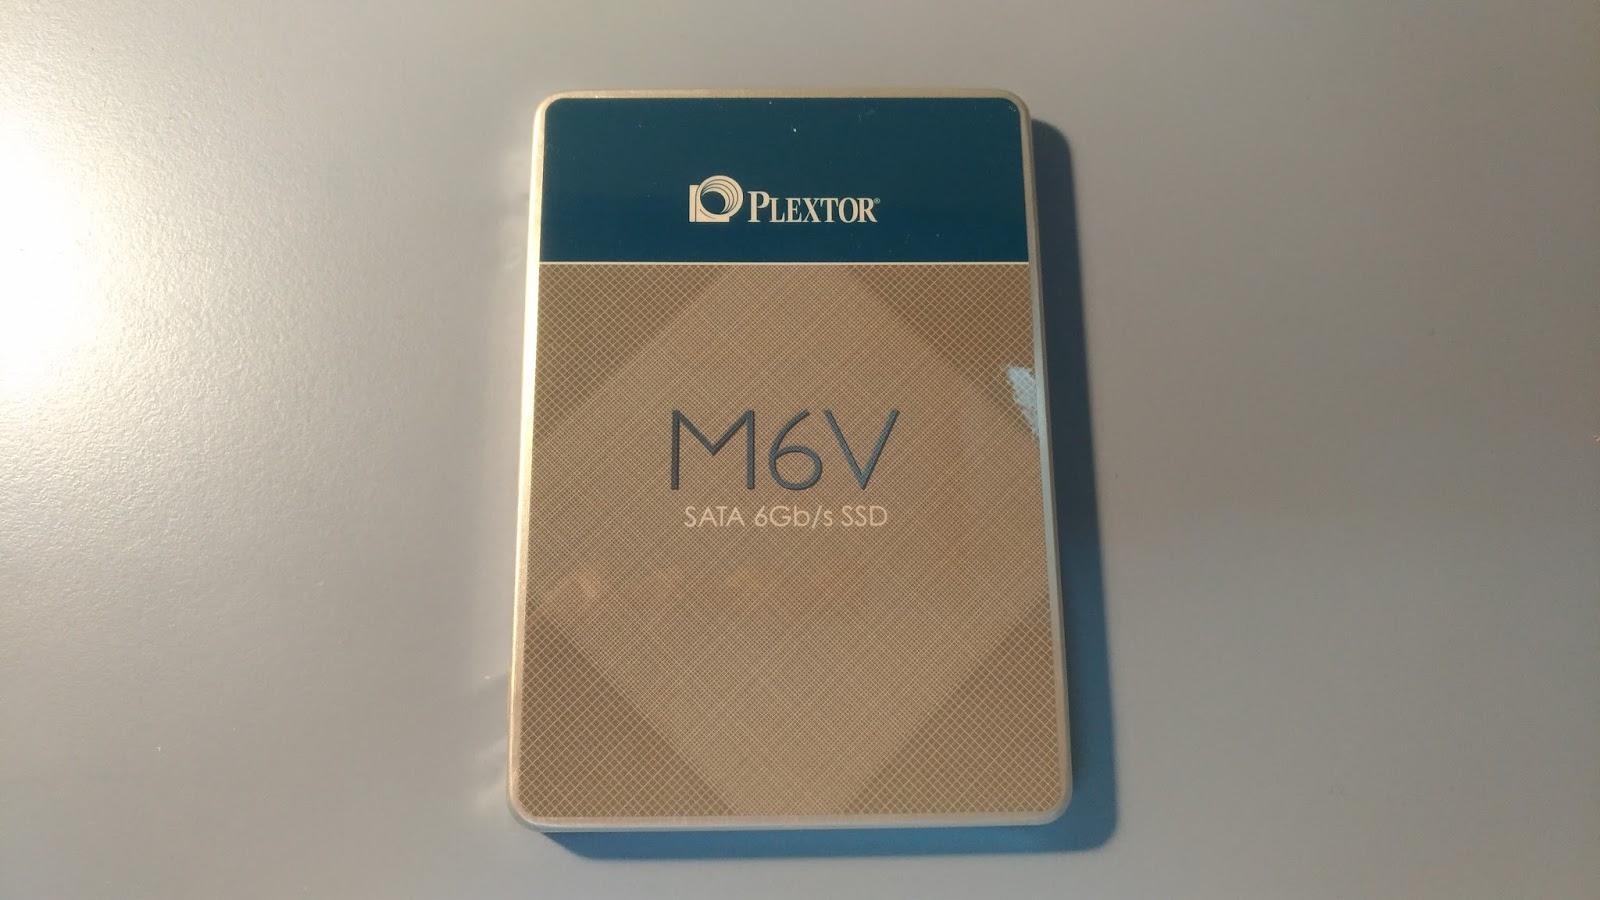 P 20170322 192341 vHDR On - Plextor M6V 256G SSD 開箱評測 & Asus K55VD 拆機升級雙硬碟教學